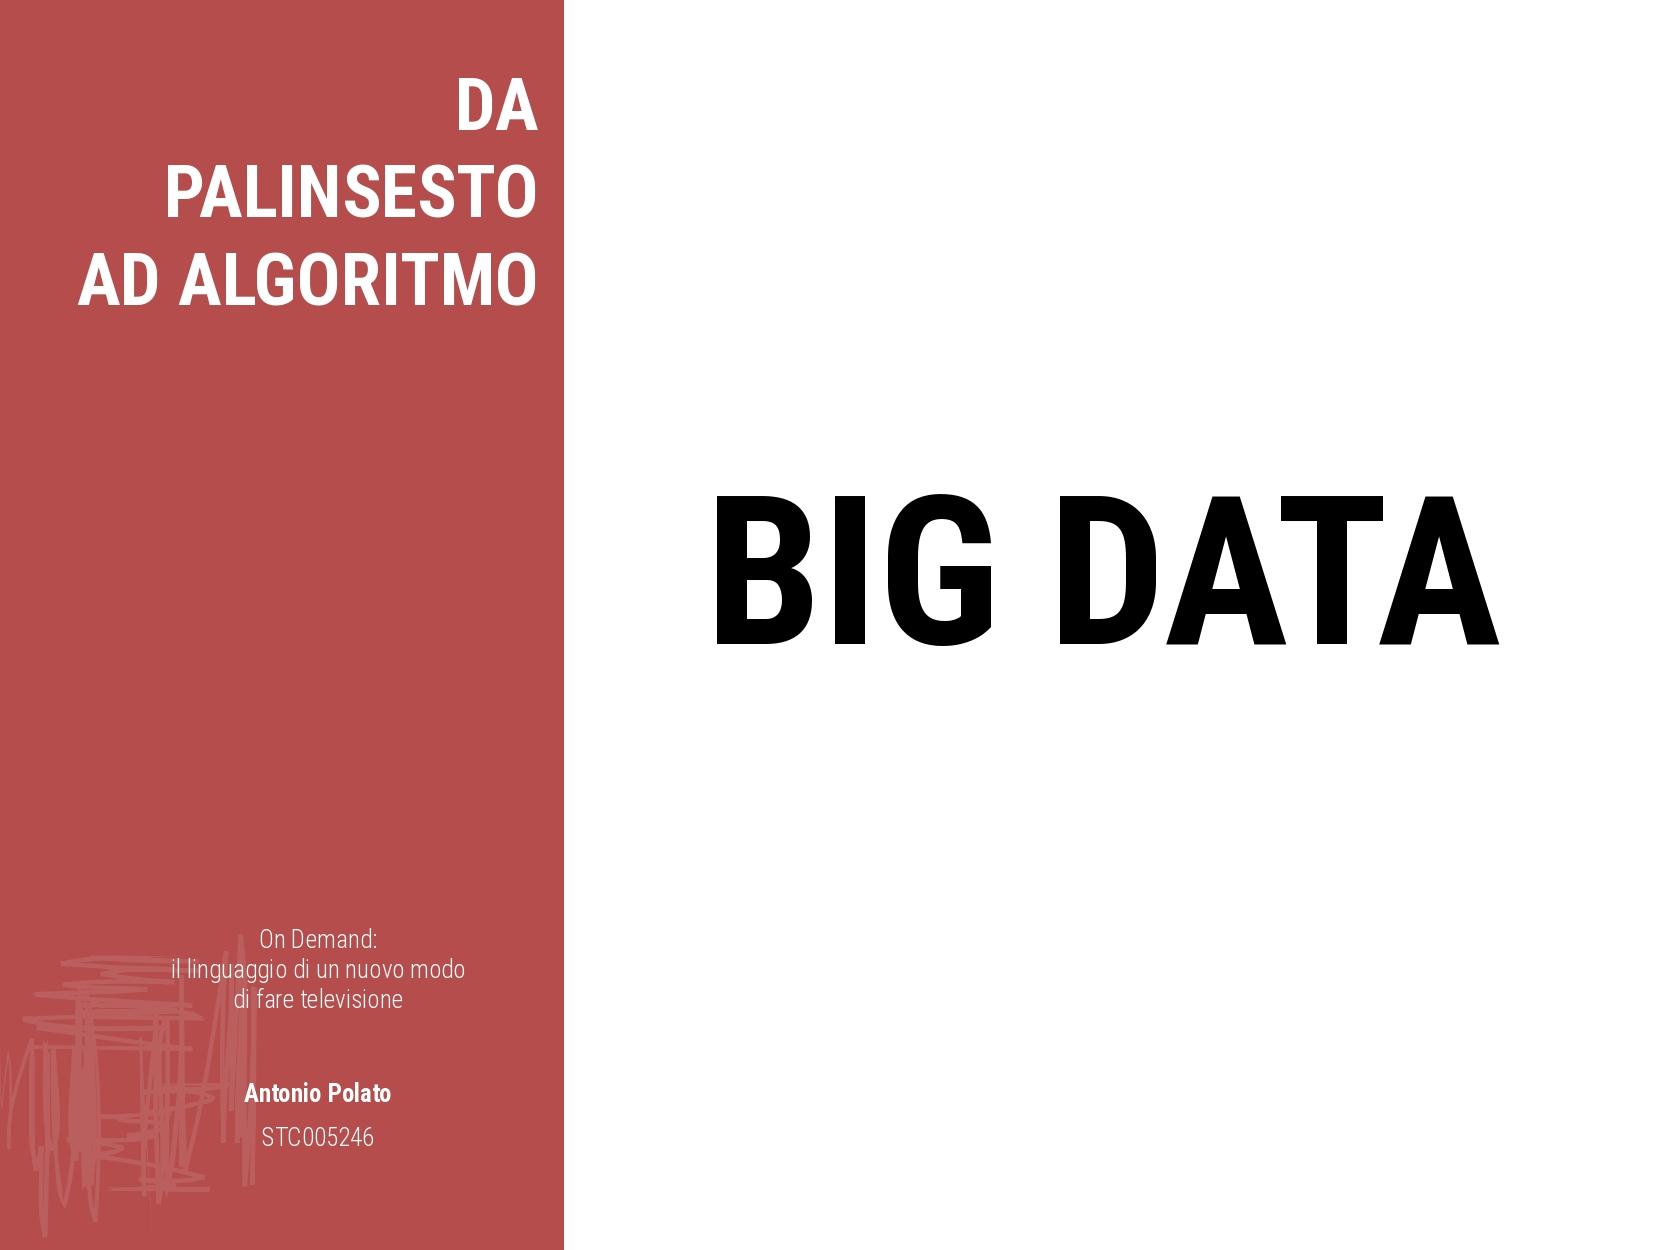 On demand il linguaggio di un nuovo modo di fare la televisione Antonio Polato big data